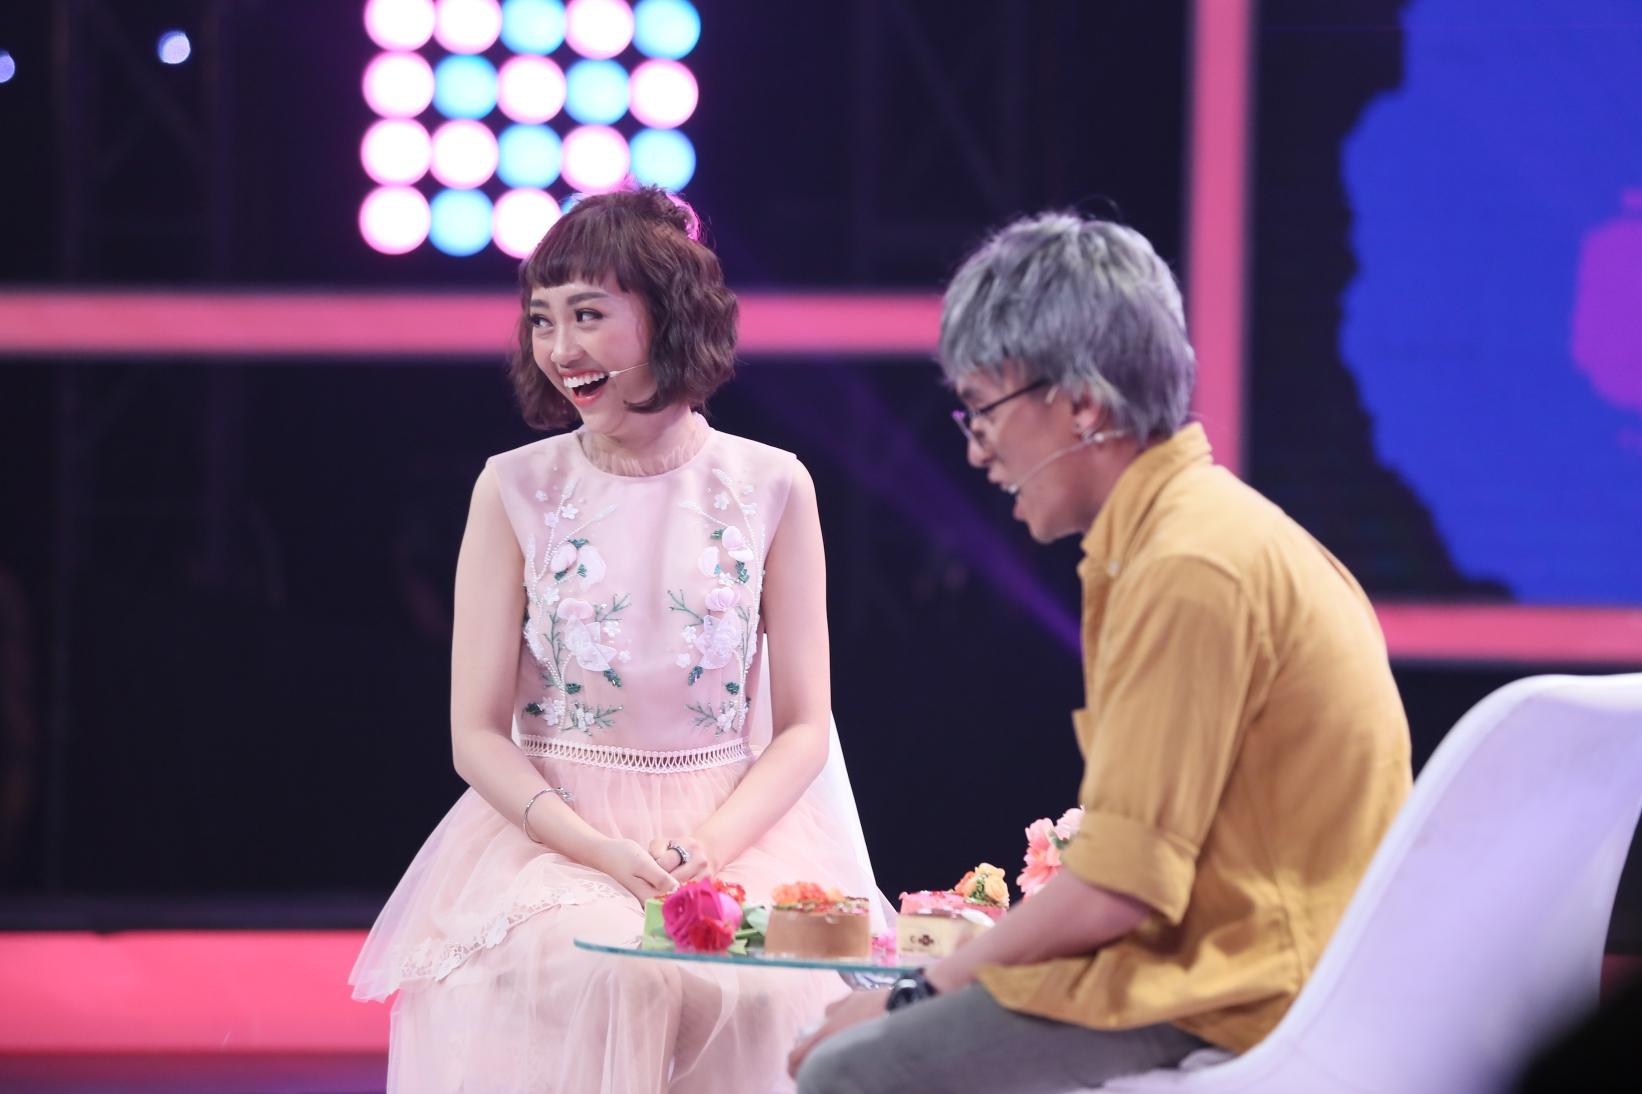 Vì yêu mà đến: Tường tận về người yêu, màn tỏ tình của chàng trai Thái Nguyên khiến dàn hot girl đồng loạt rơi nước mắt-11